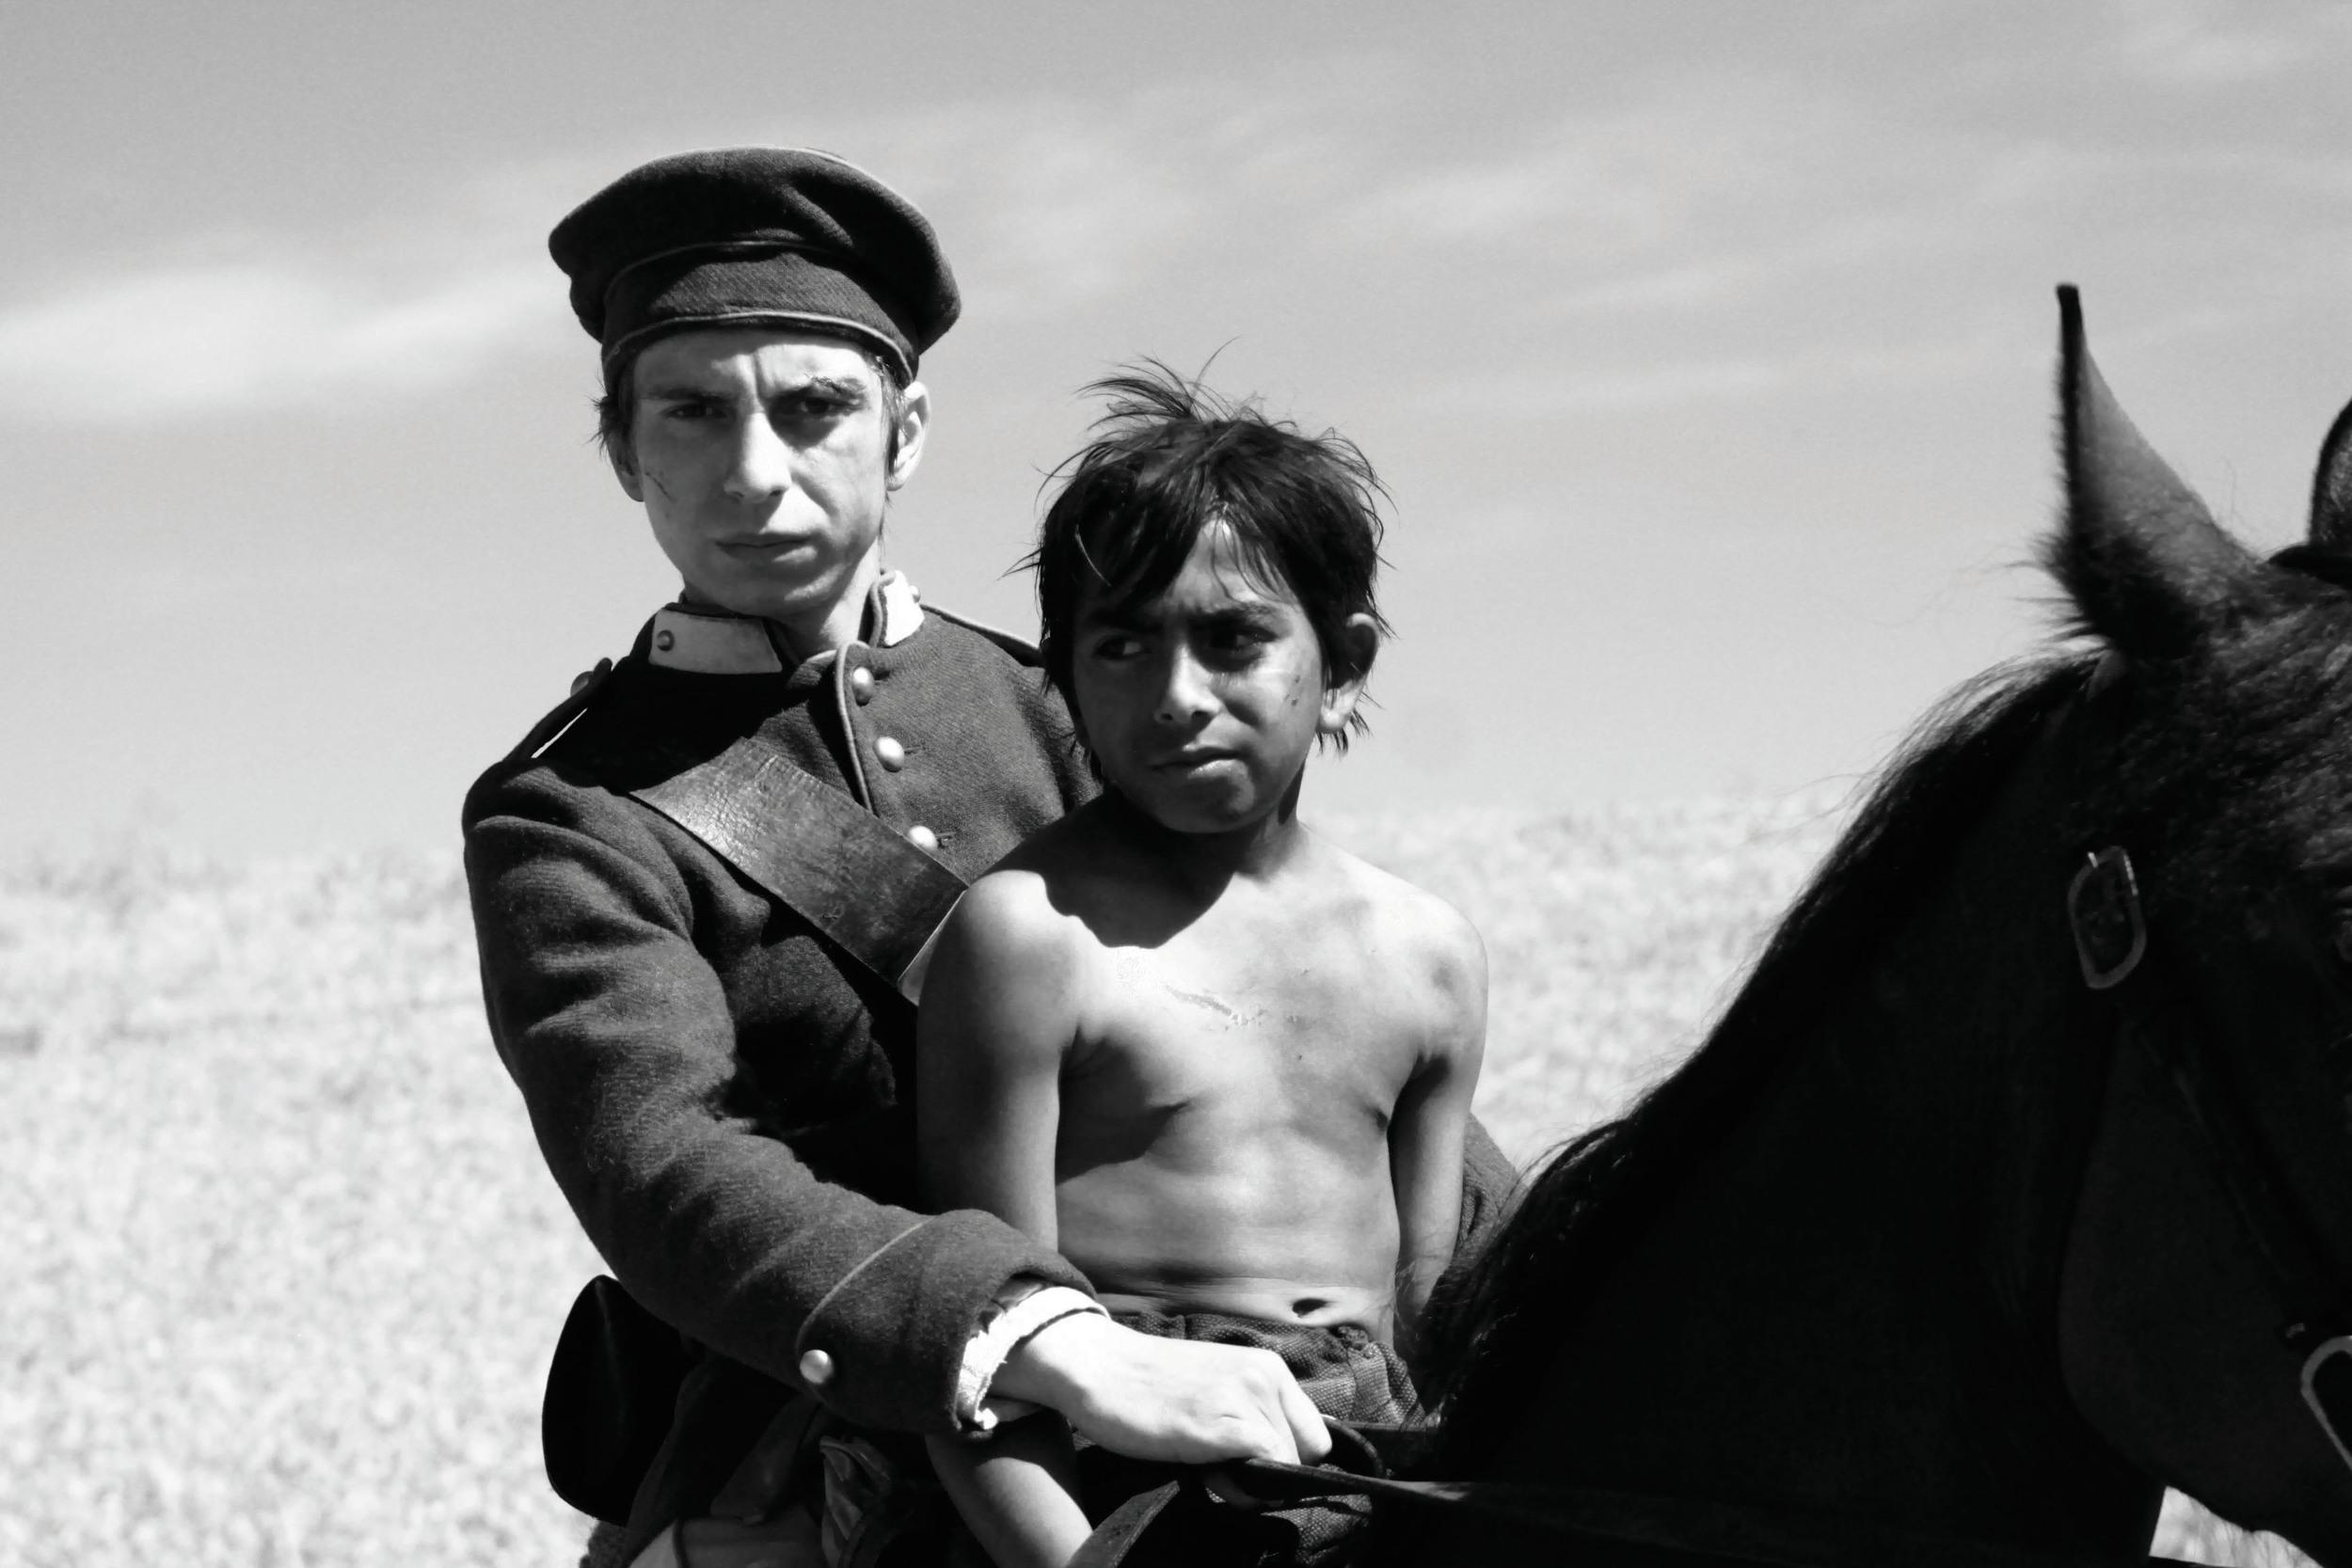 Mihai Comānoiu (Ionitā) and Alberto Dinache (Tintiric).